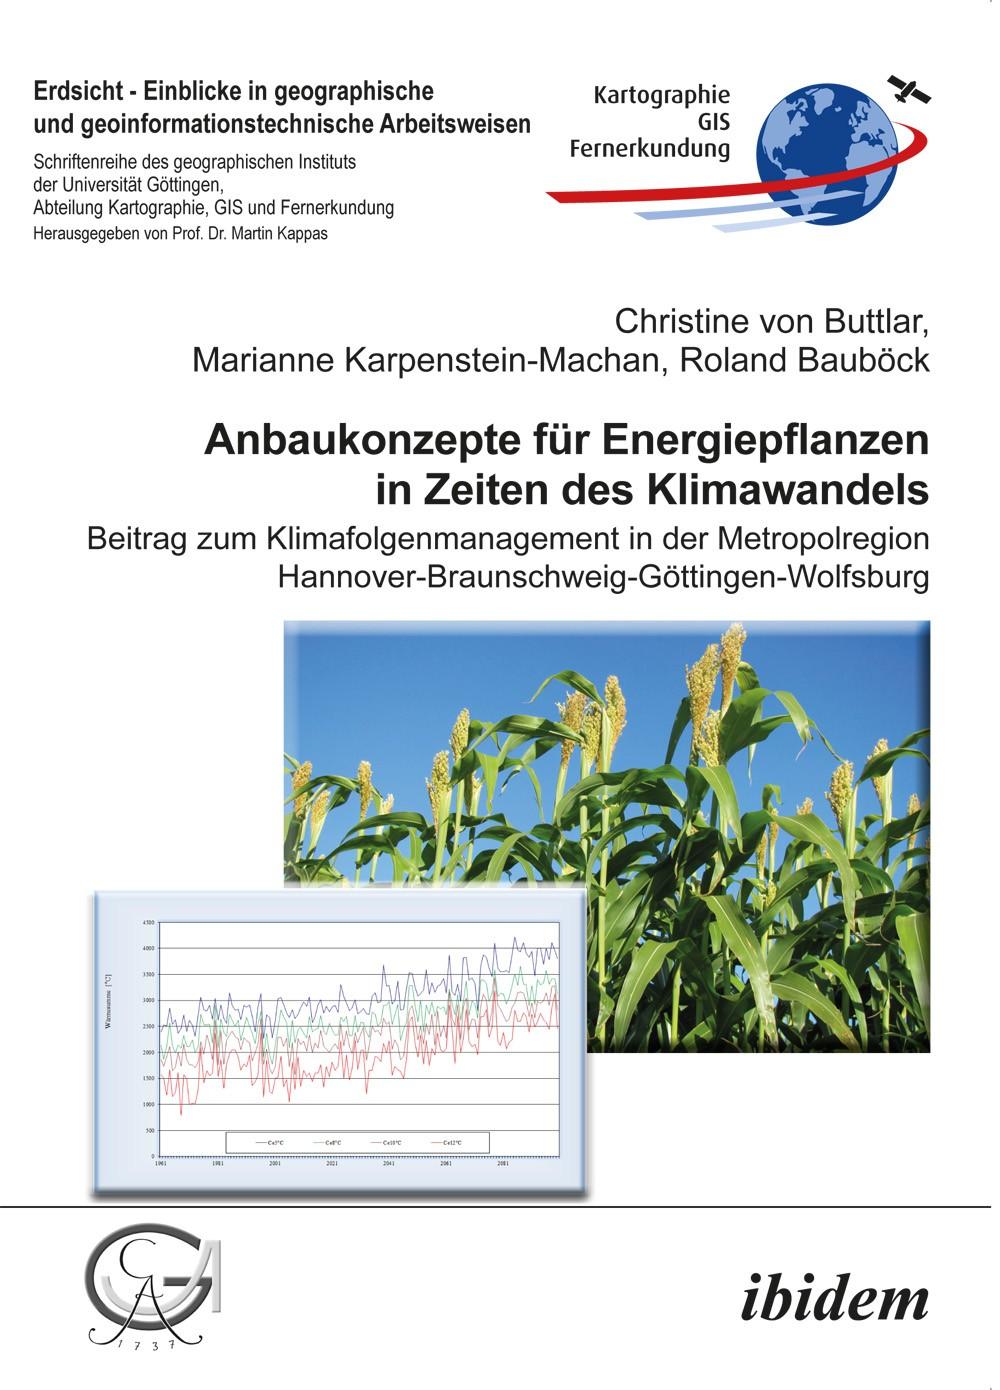 Anbaukonzepte für Energiepflanzen in Zeiten des Klimawandels